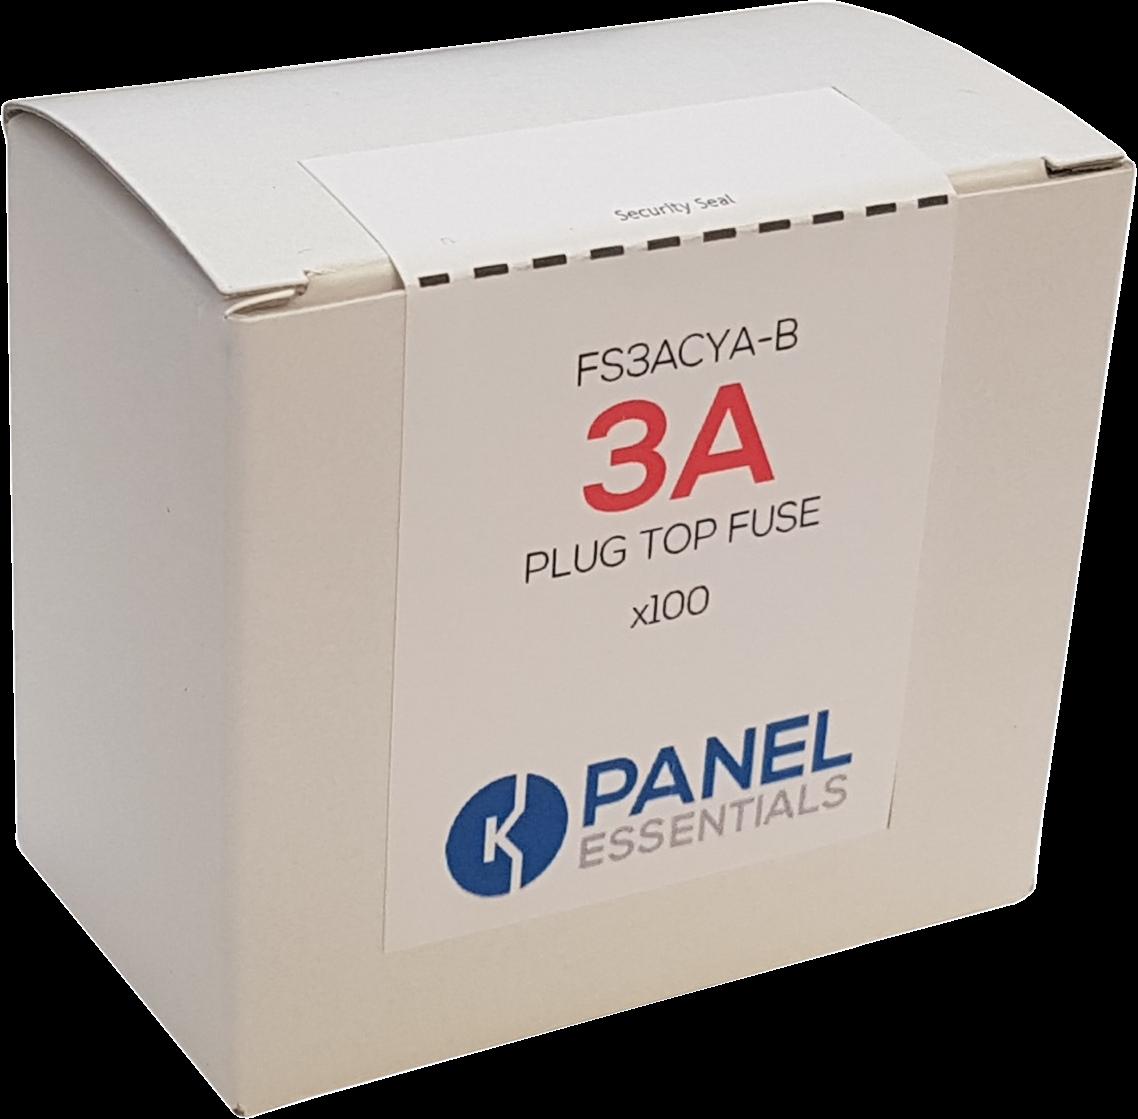 Panel Essentials Fuse Box 100